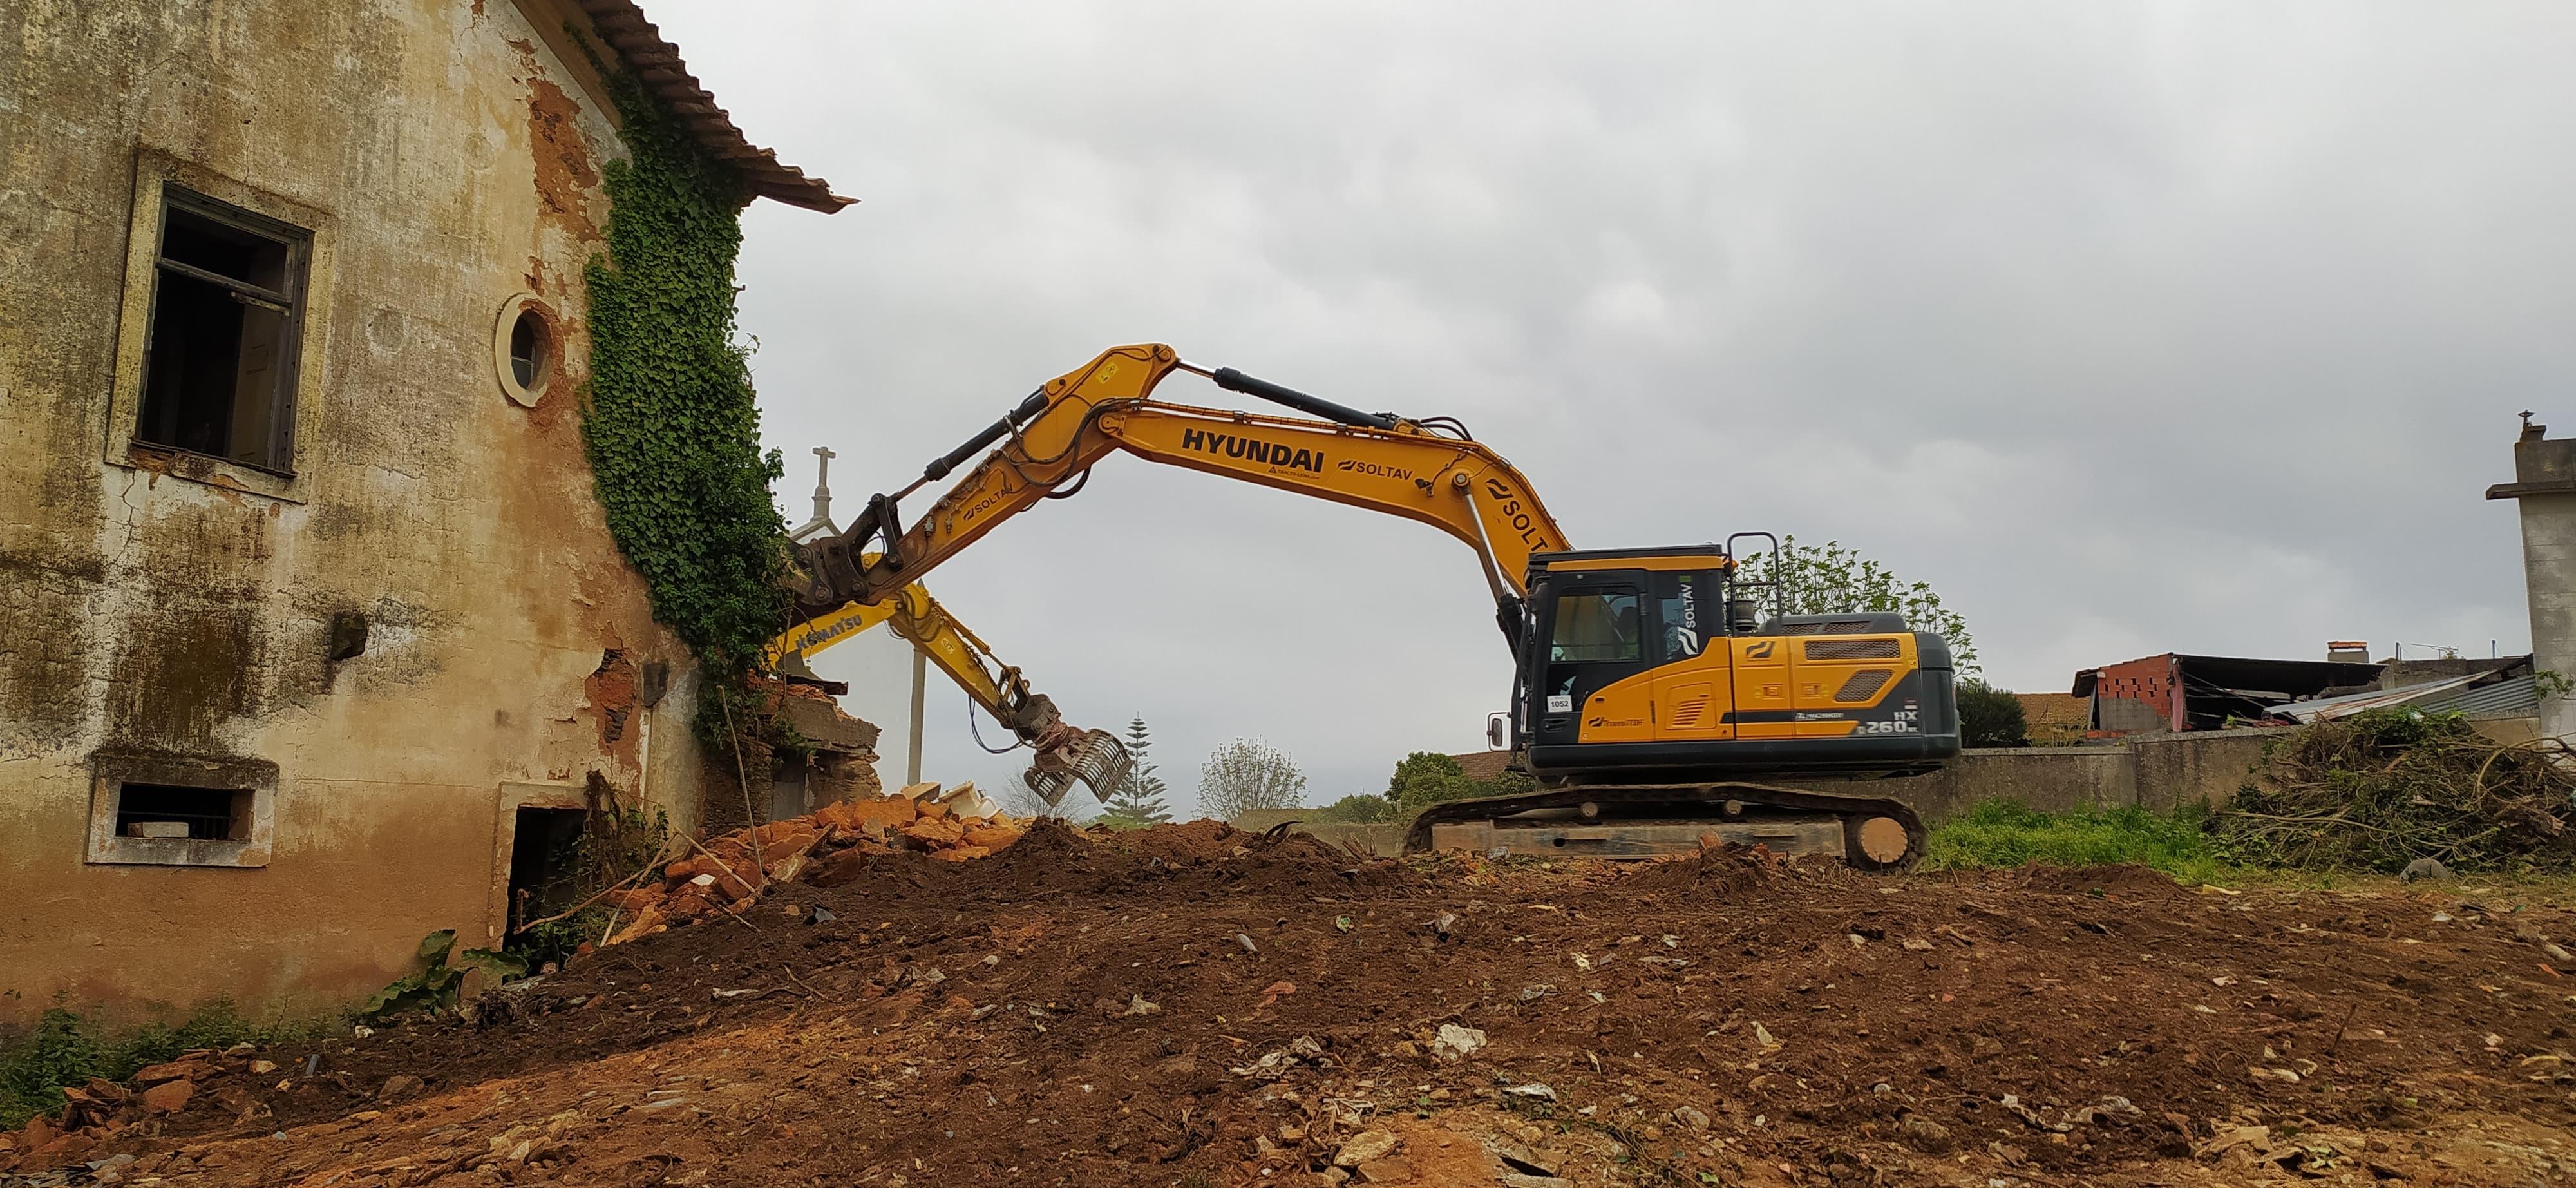 Demolição de edifício devoluto em Angeja